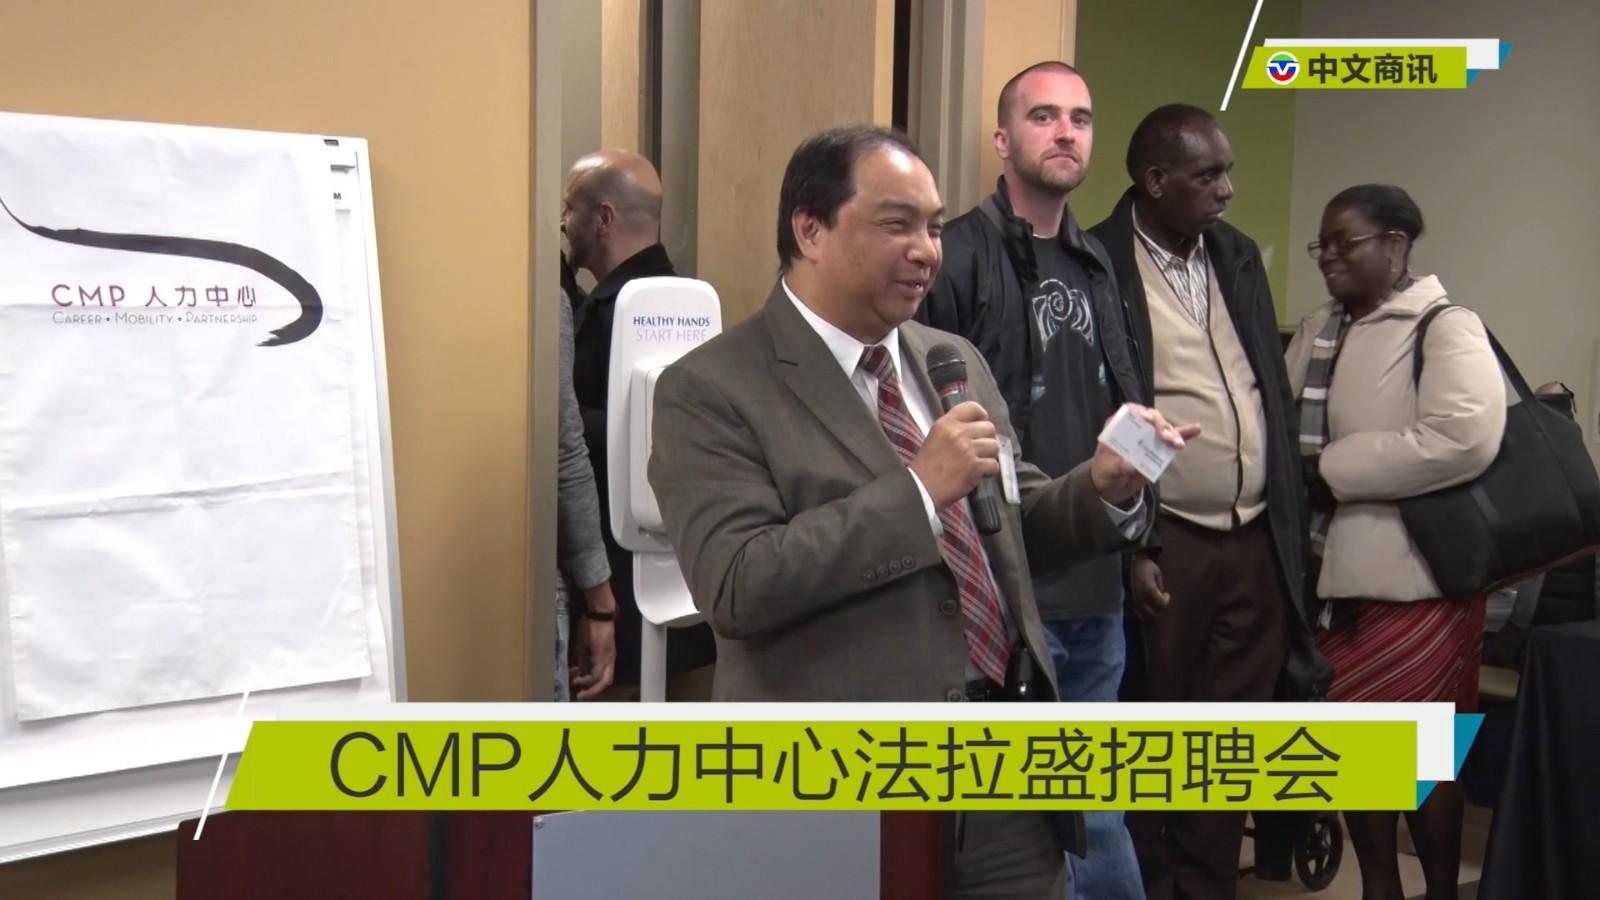 【视频】CMP人力中心法拉盛招聘会